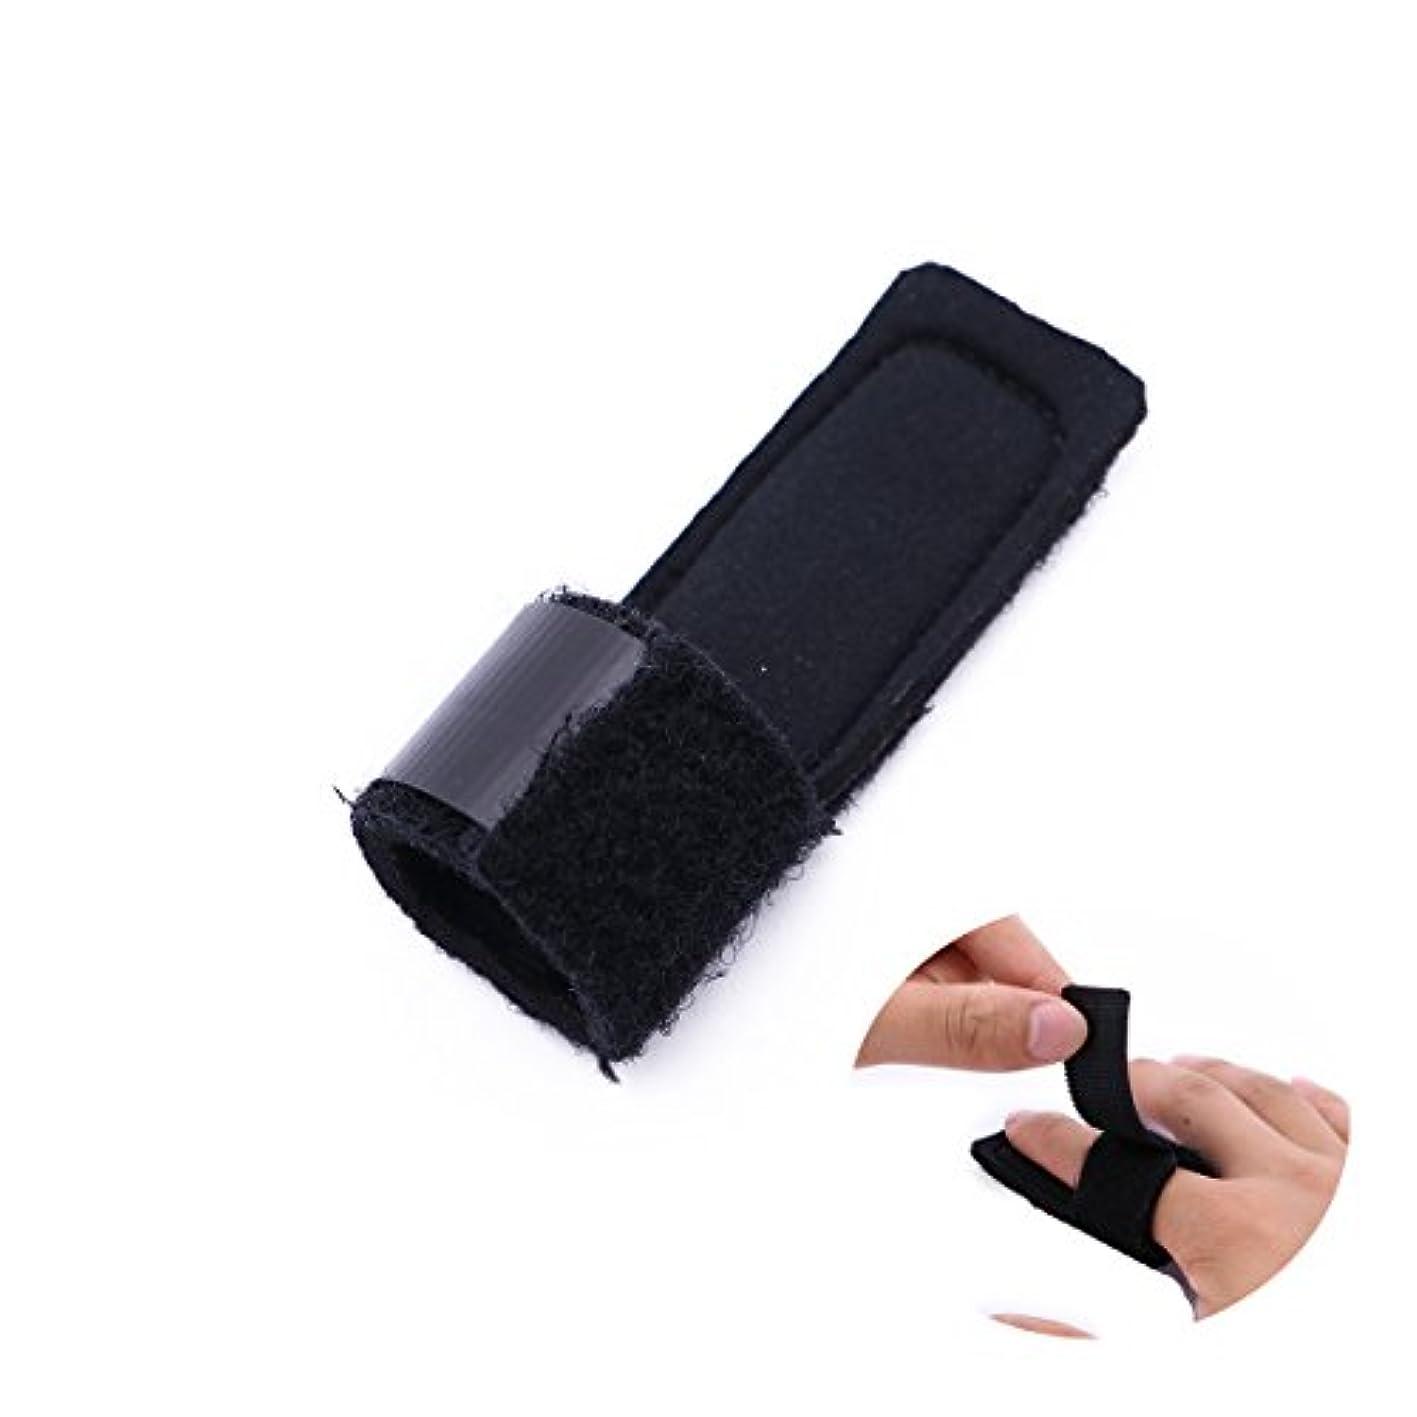 SUPVOX 指の添え木マレット指の支柱の引き金のための骨折の接合箇所の添え木プロテクター